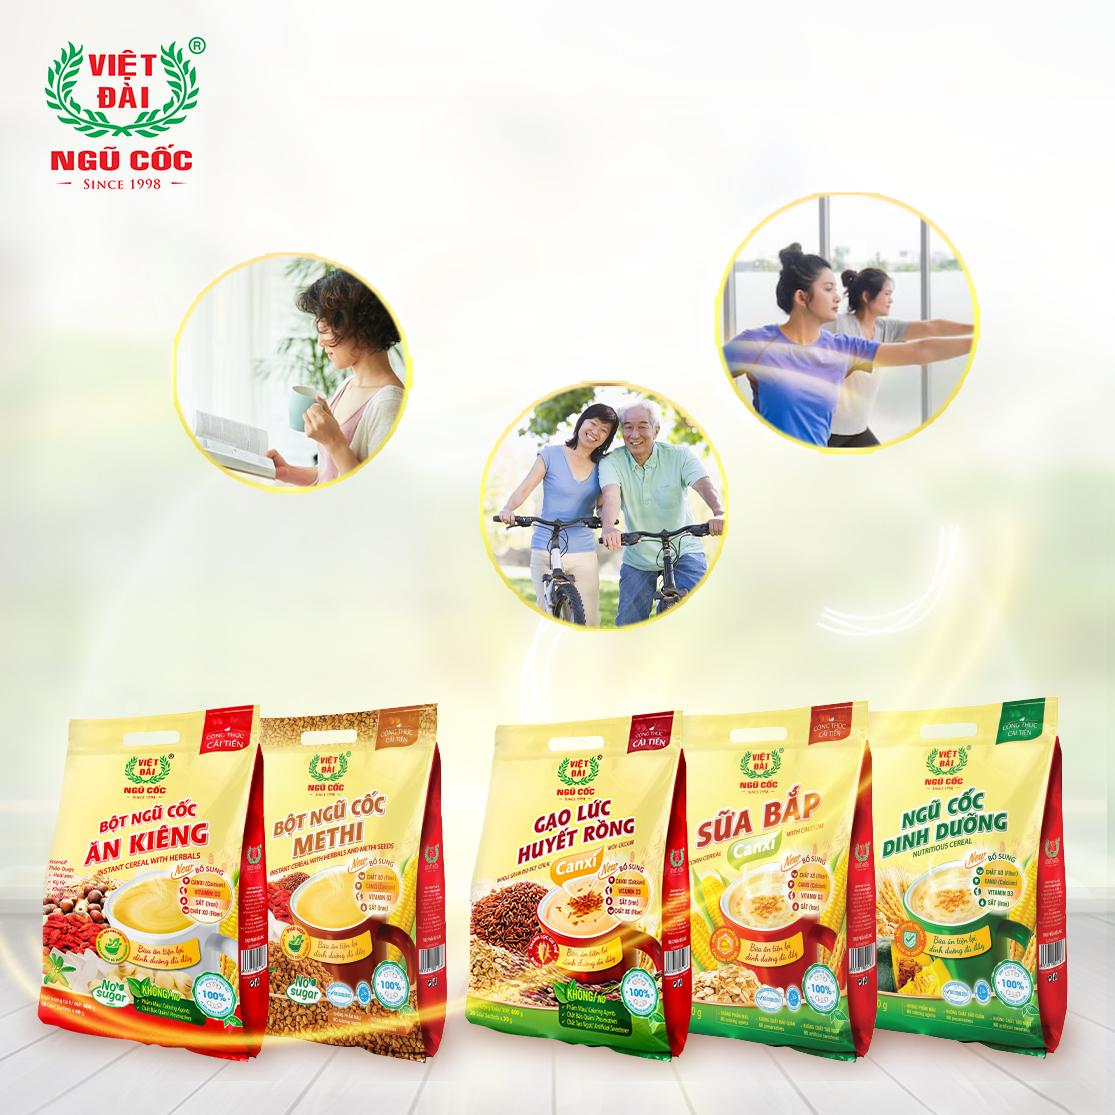 Ngũ cốc Việt Đài hỗ trợ cung cấp nguồn vi chất cần thiết cho cơ thể.